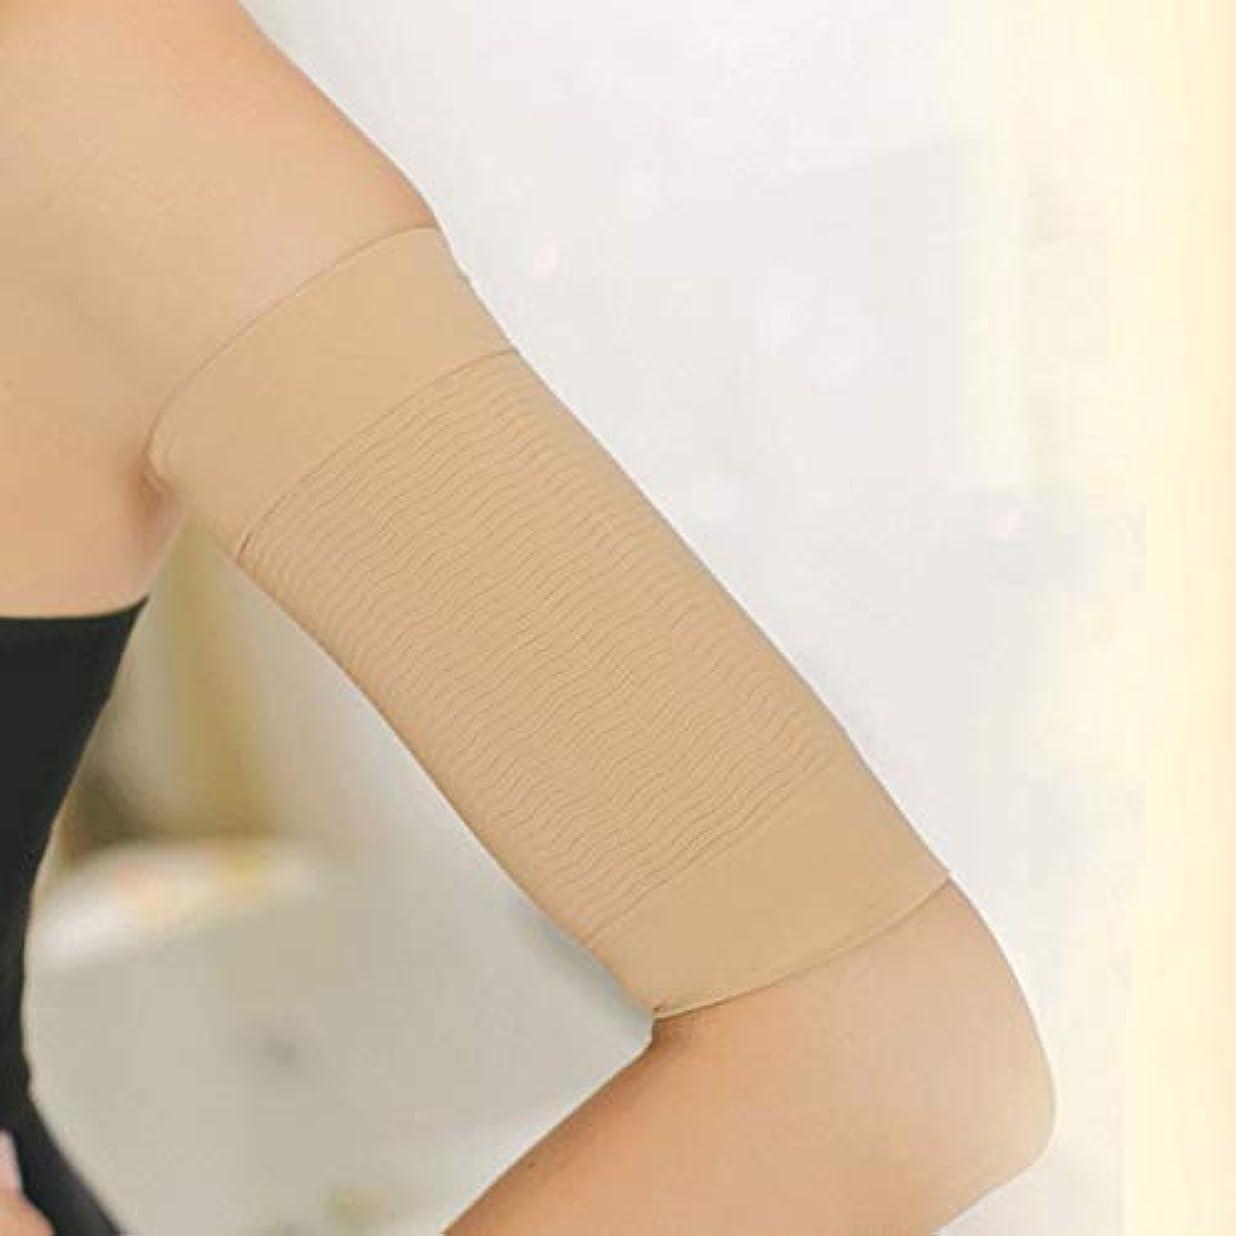 良心的ぴったりデコレーション1ペア420 d圧縮痩身アームスリーブワークアウトトーニングバーンセルライトシェイパー脂肪燃焼袖用女性